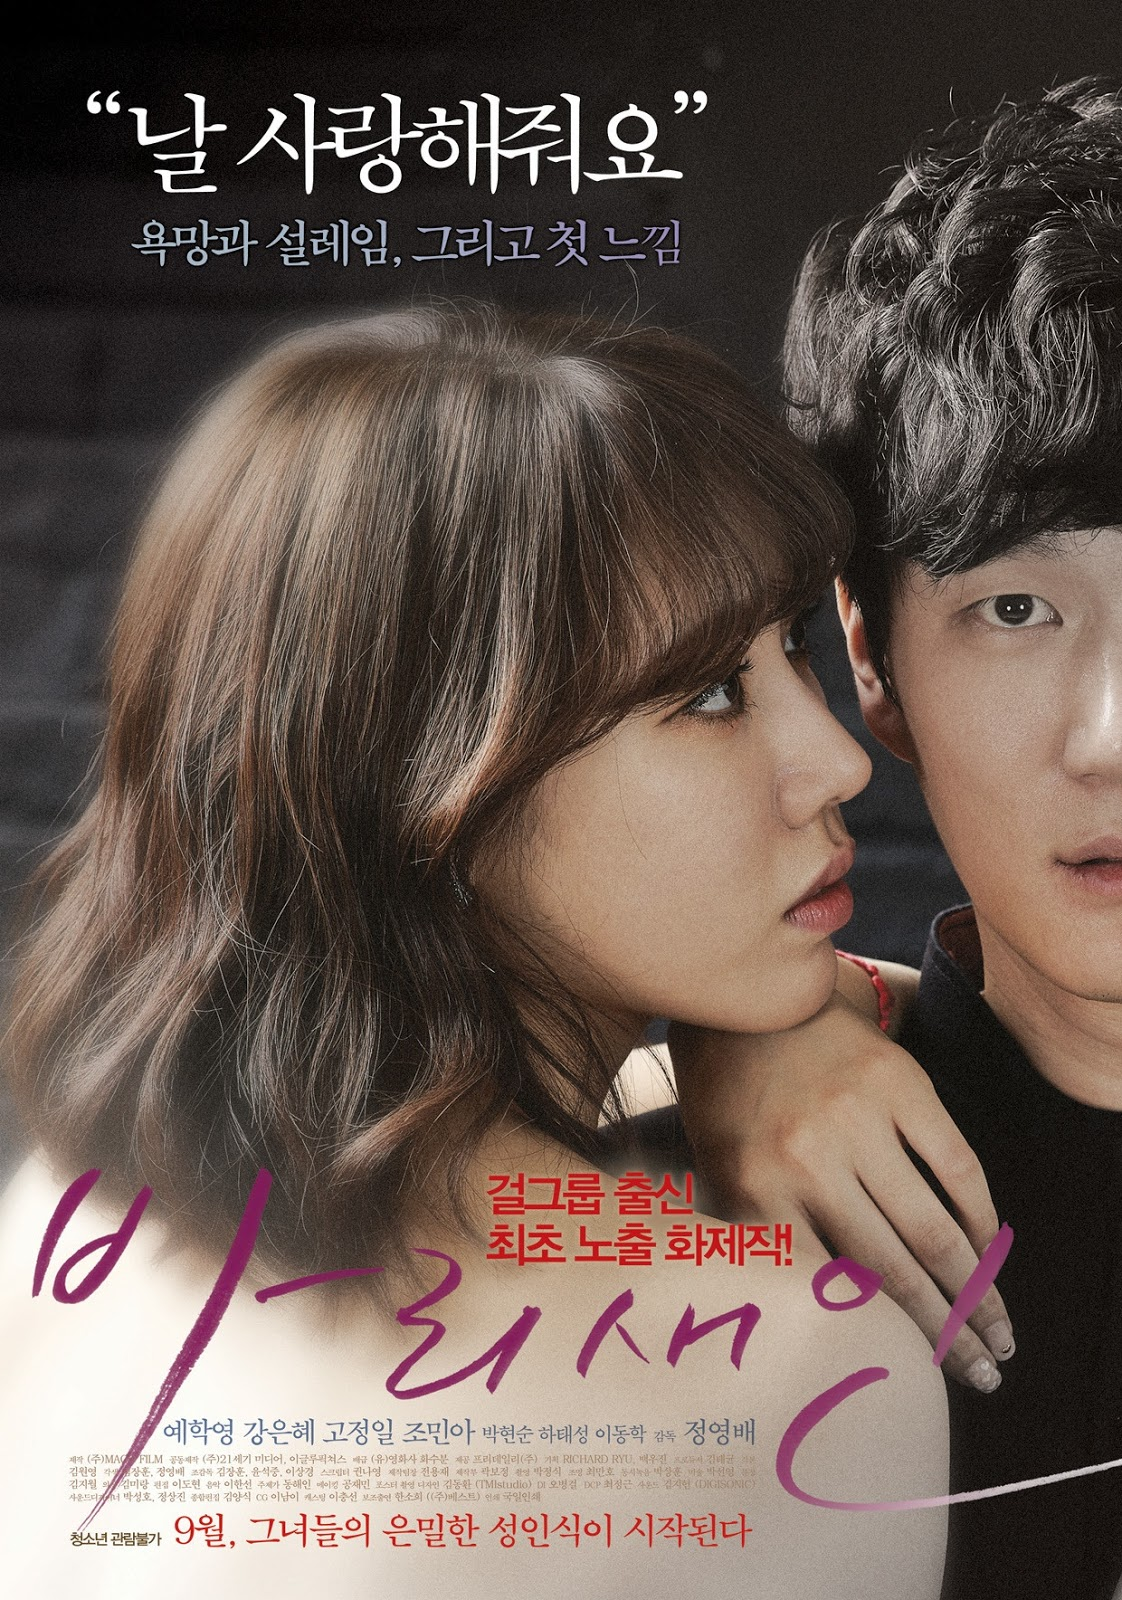 Pharisee (2015) 바리새인 Full Korea Adult 18+ Movie Online